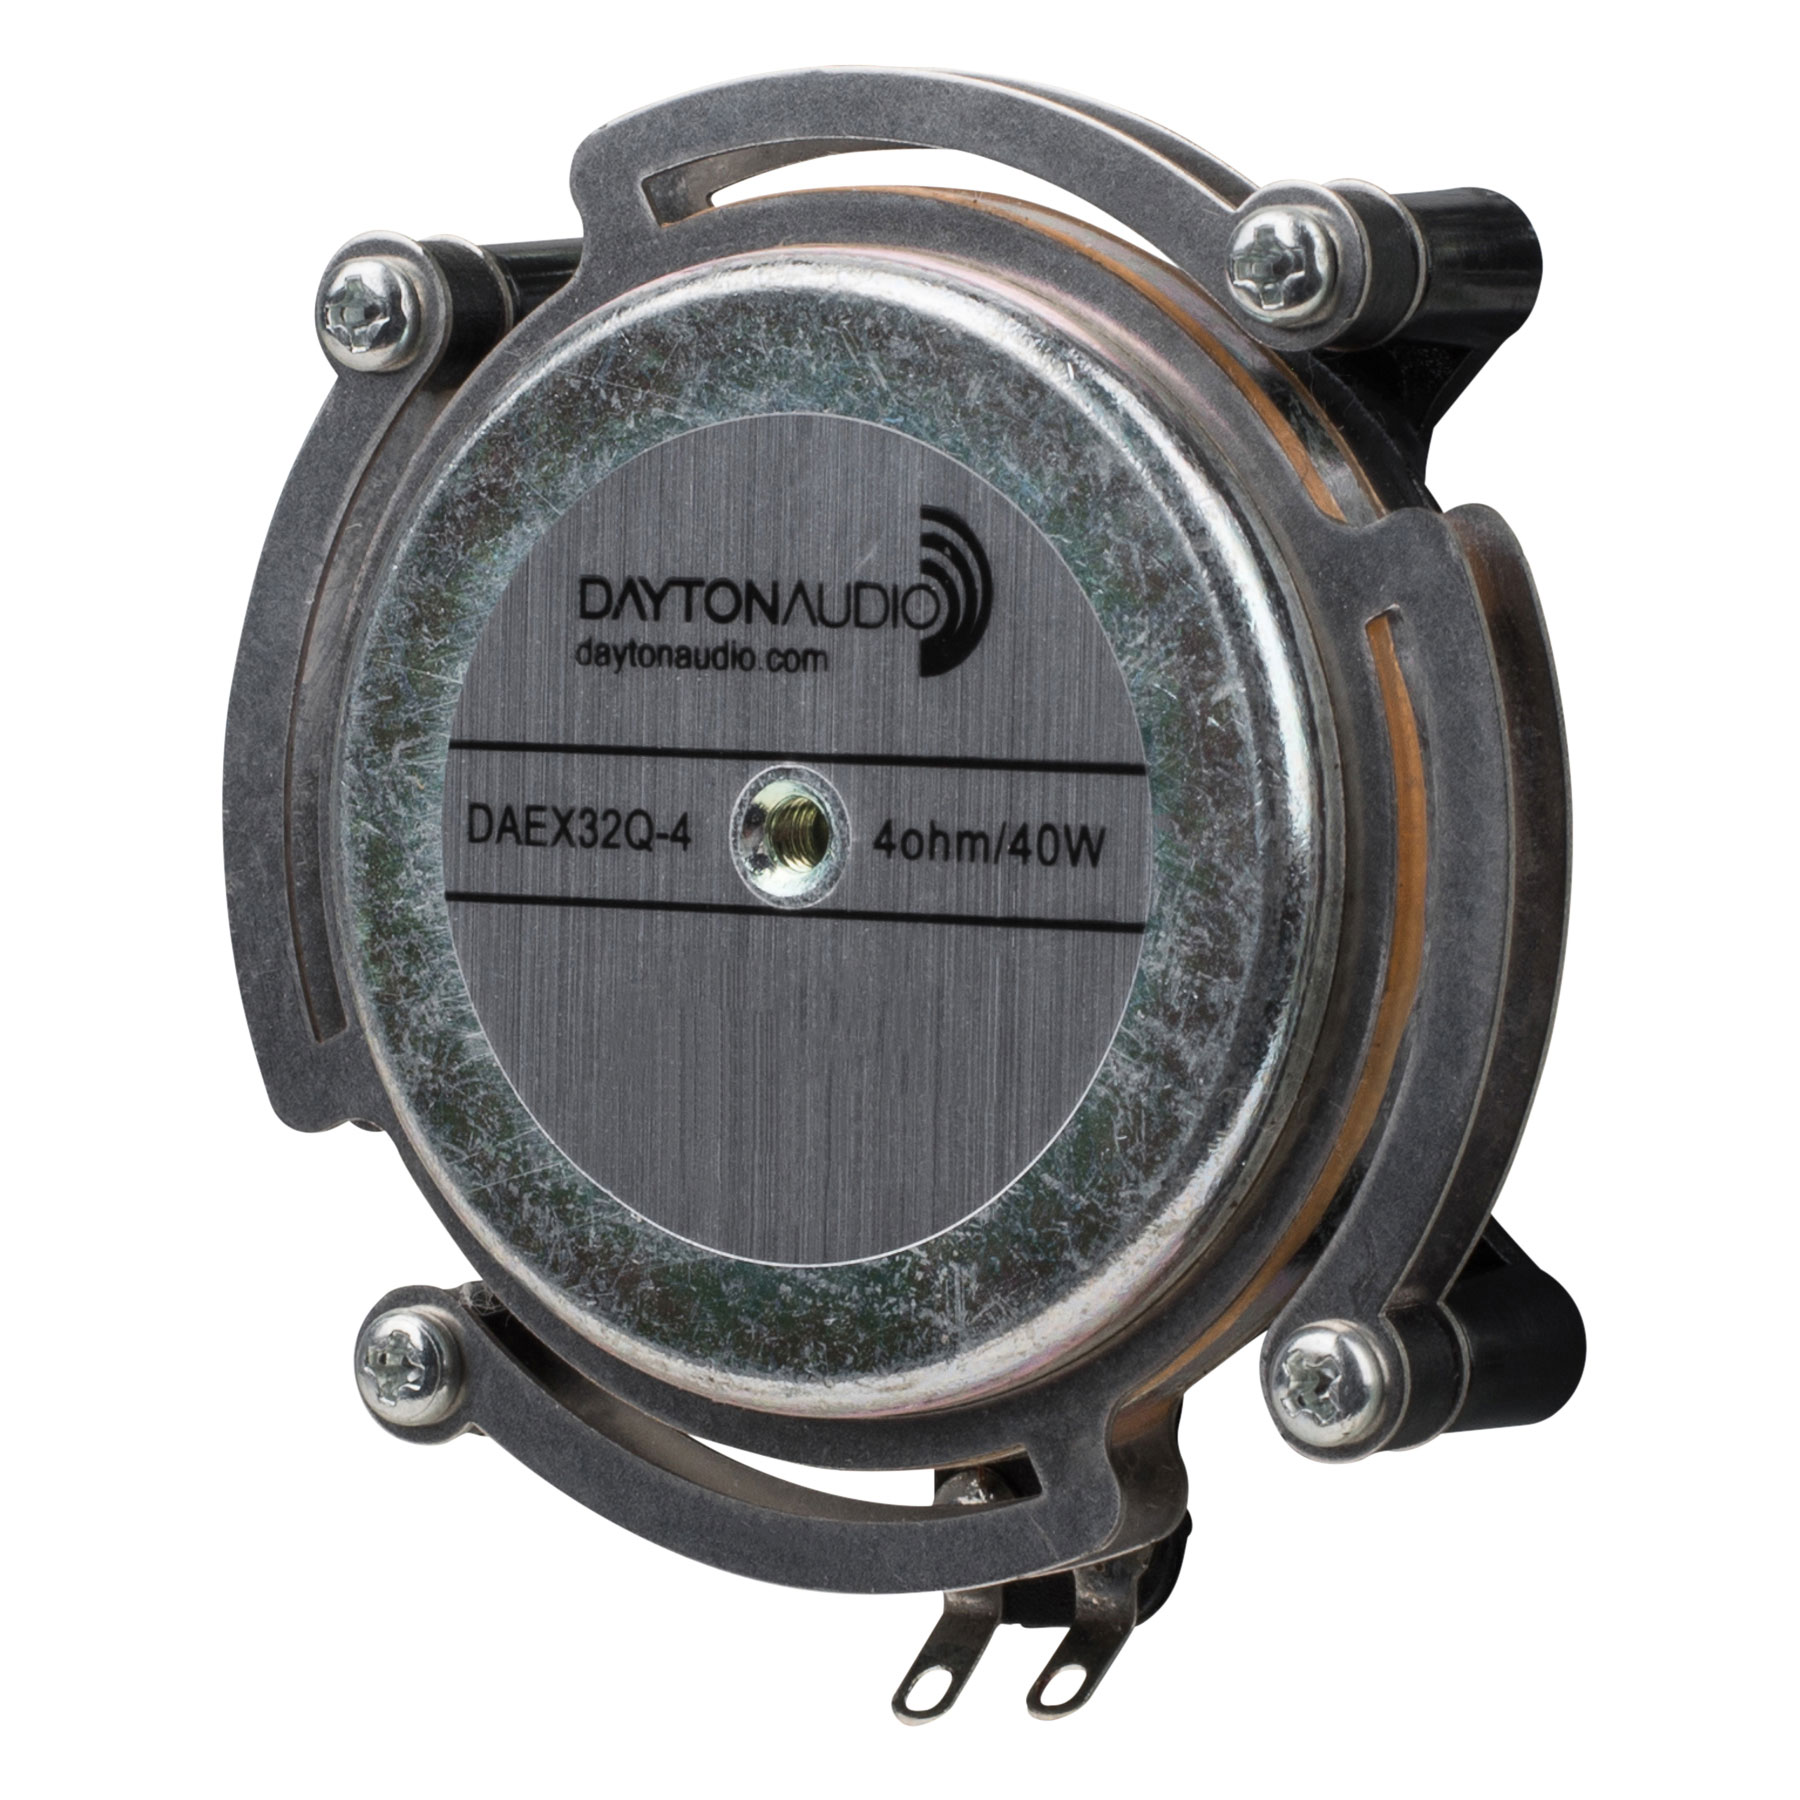 Dayton Audio DAEX32Q-4画像